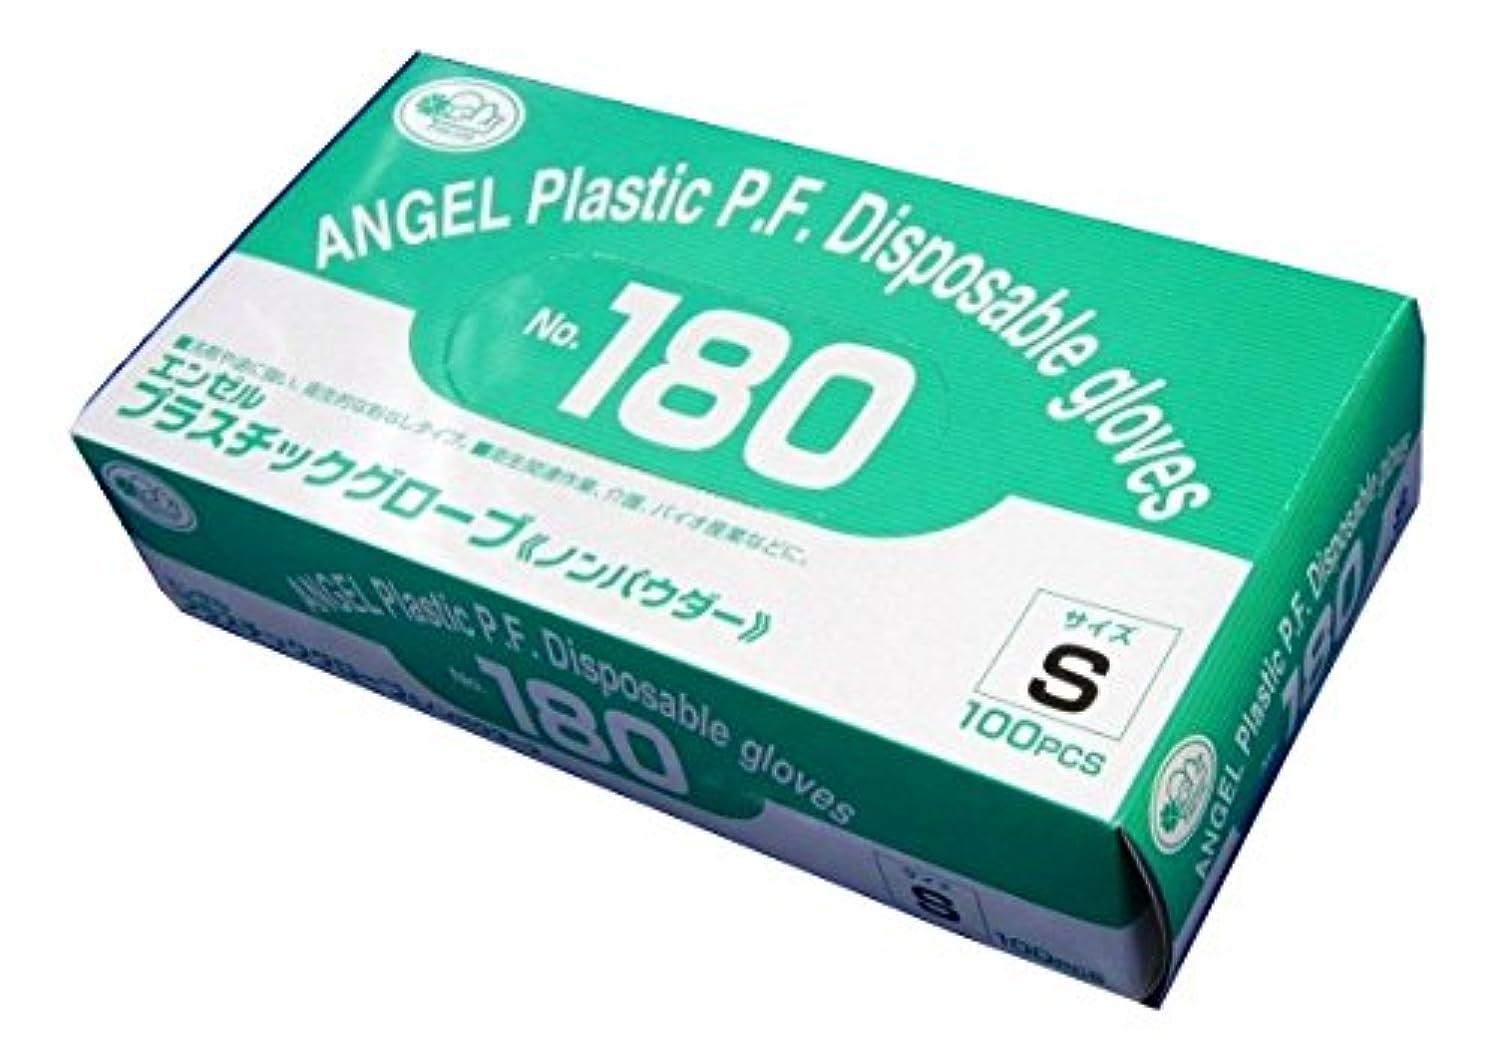 私たち雹品サンフラワー [ケース]No.180 プラスチックグローブ ノンパウダー 100枚×20箱 (S)